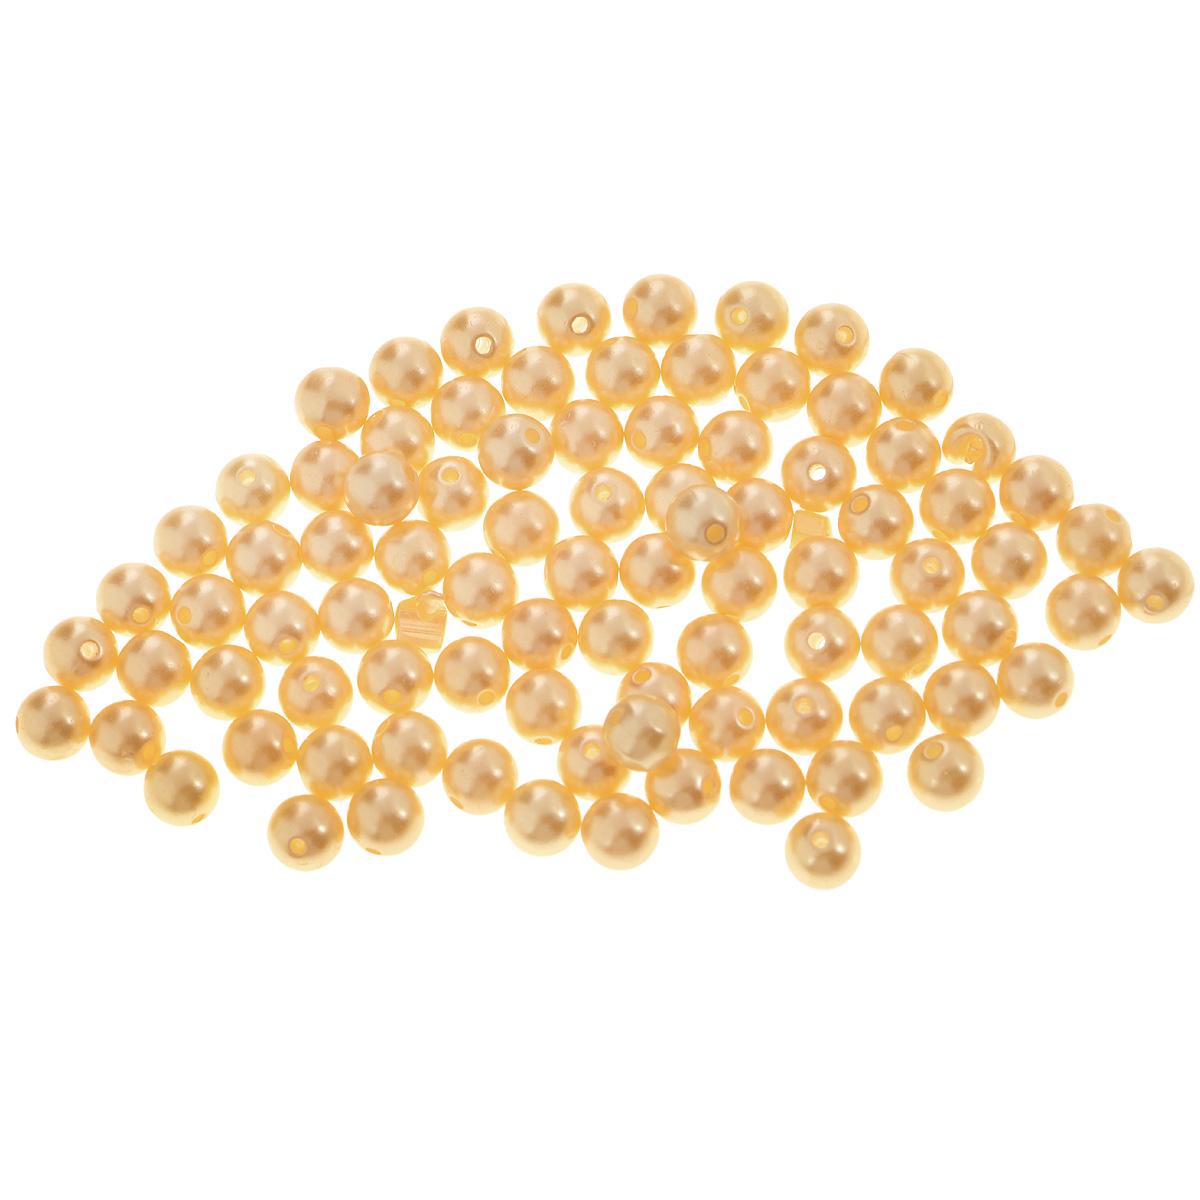 Бусины Астра, цвет: темно-бежевый (004), диаметр 8 мм, 25 г7706545_004Набор бусин Астра, изготовленный из пластика, позволит вам своими руками создать оригинальные ожерелья, бусы или браслеты. Круглые бусины имеют цветную серединку и непрозрачный цвет с перламутровым оттенком. Изготовление украшений - занимательное хобби и реализация творческих способностей рукодельницы, это возможность создания неповторимого индивидуального подарка. Диаметр бусины: 8 мм.